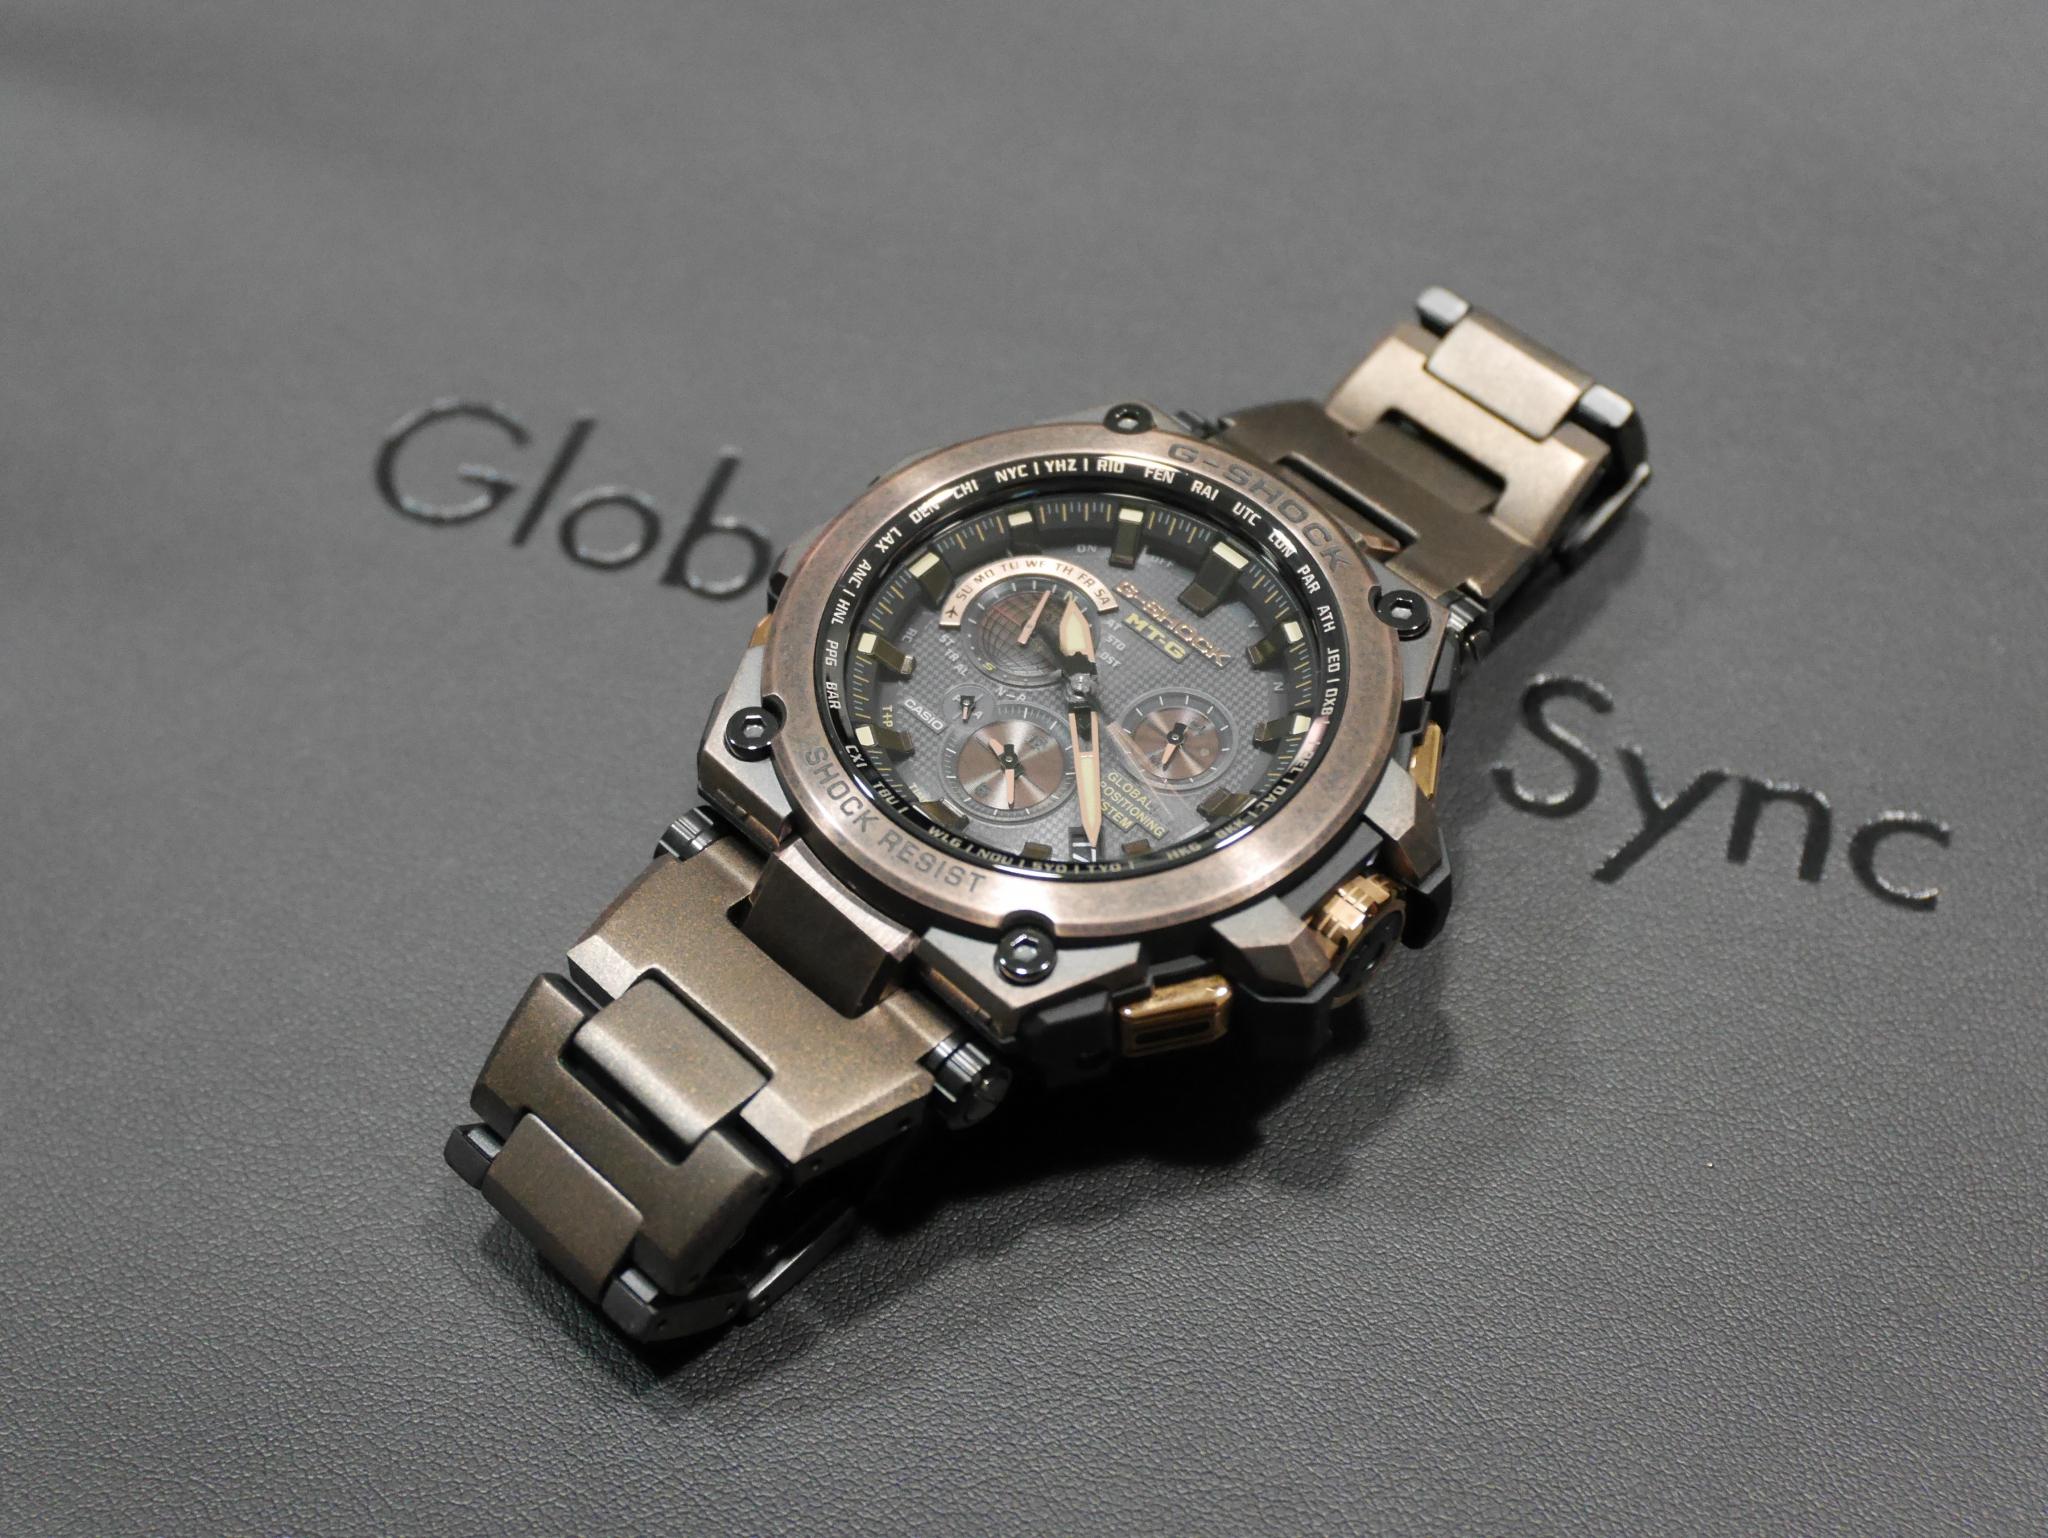 G-SHOCK エイジドIPを駆使したスペシャルモデル「MTG-G1000AR-1AJR」